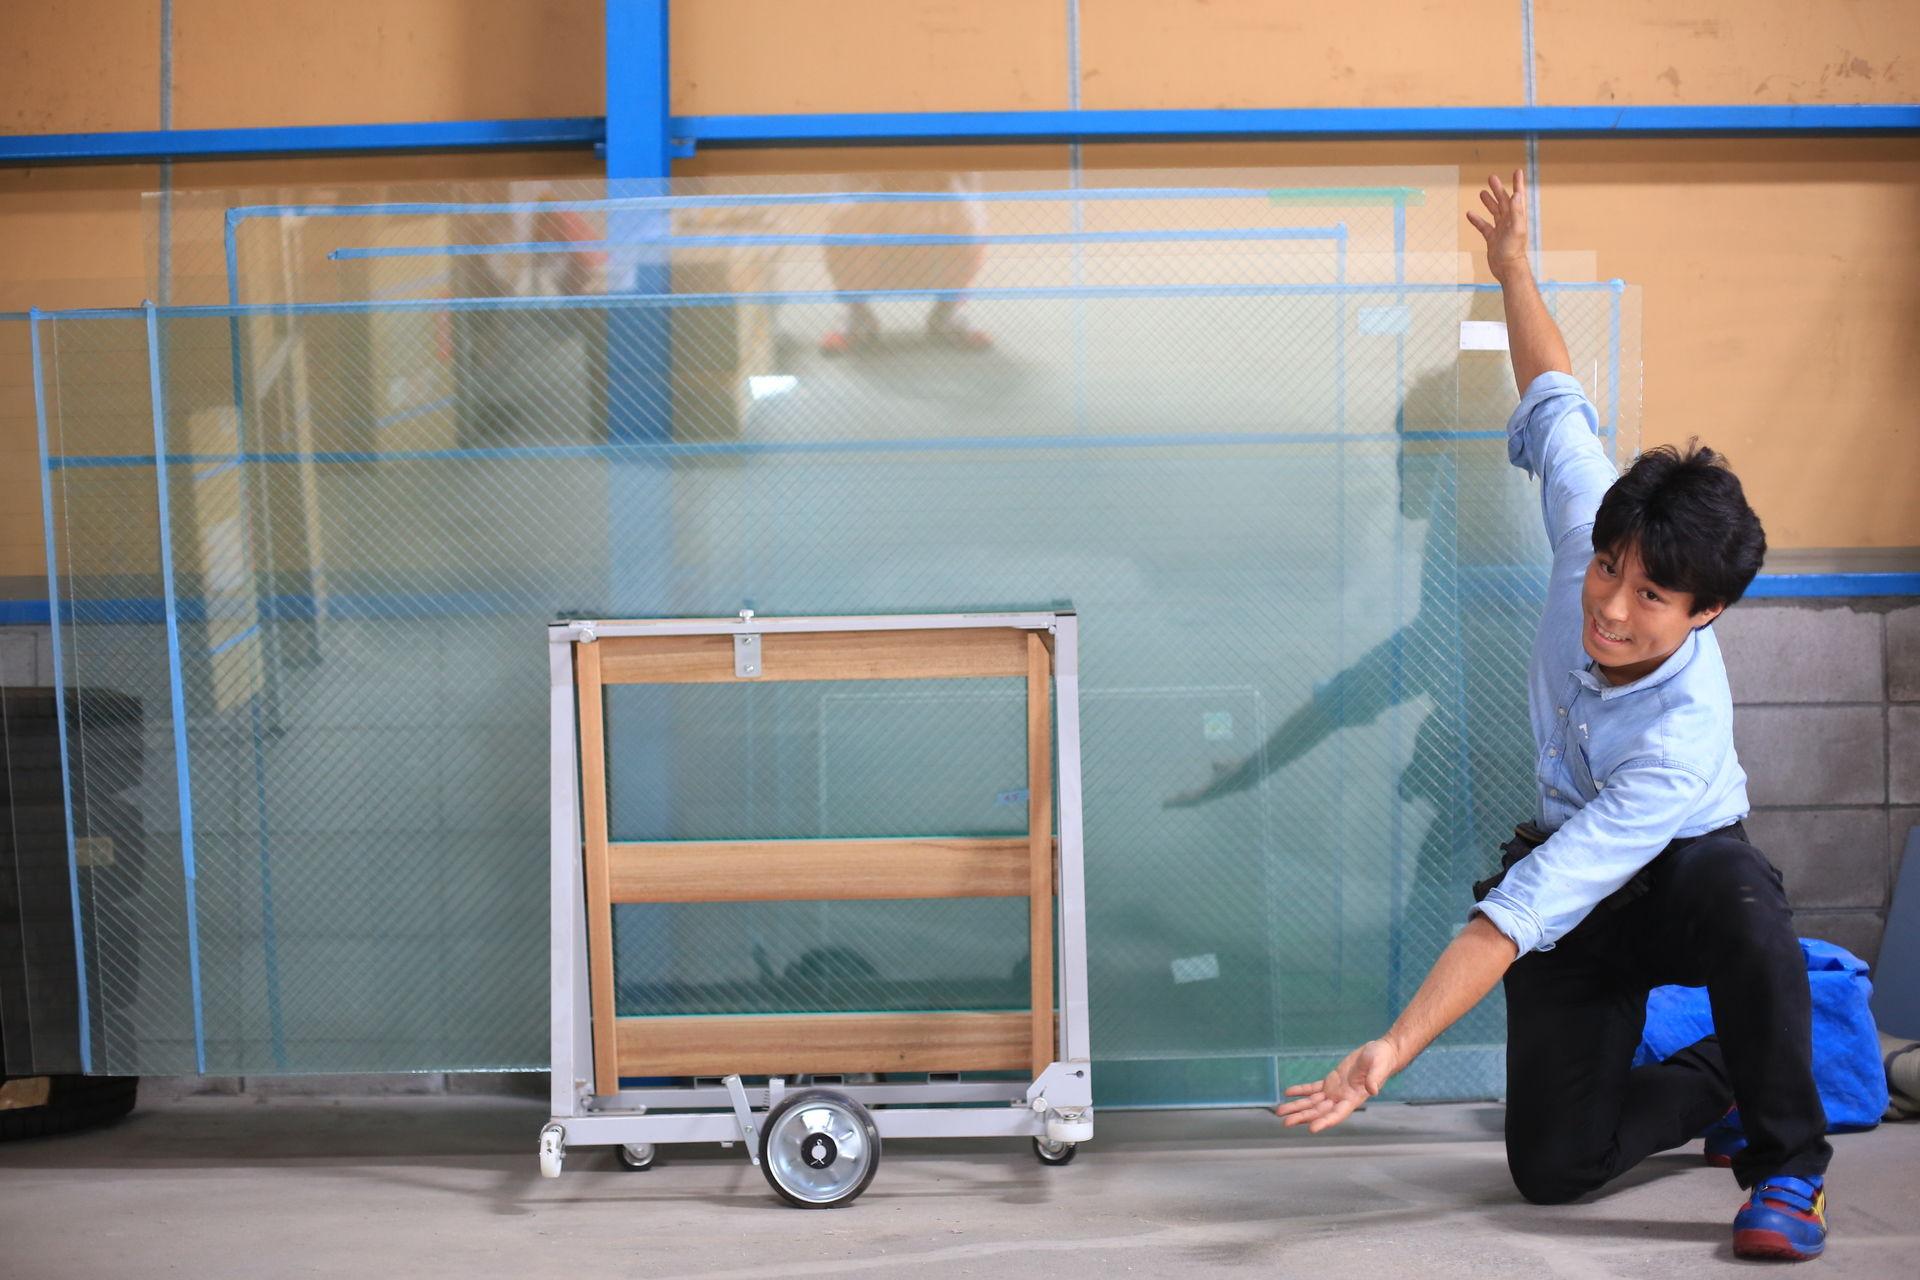 ガラスのトラブル救急車【額田郡幸田町 出張エリア】のメイン画像